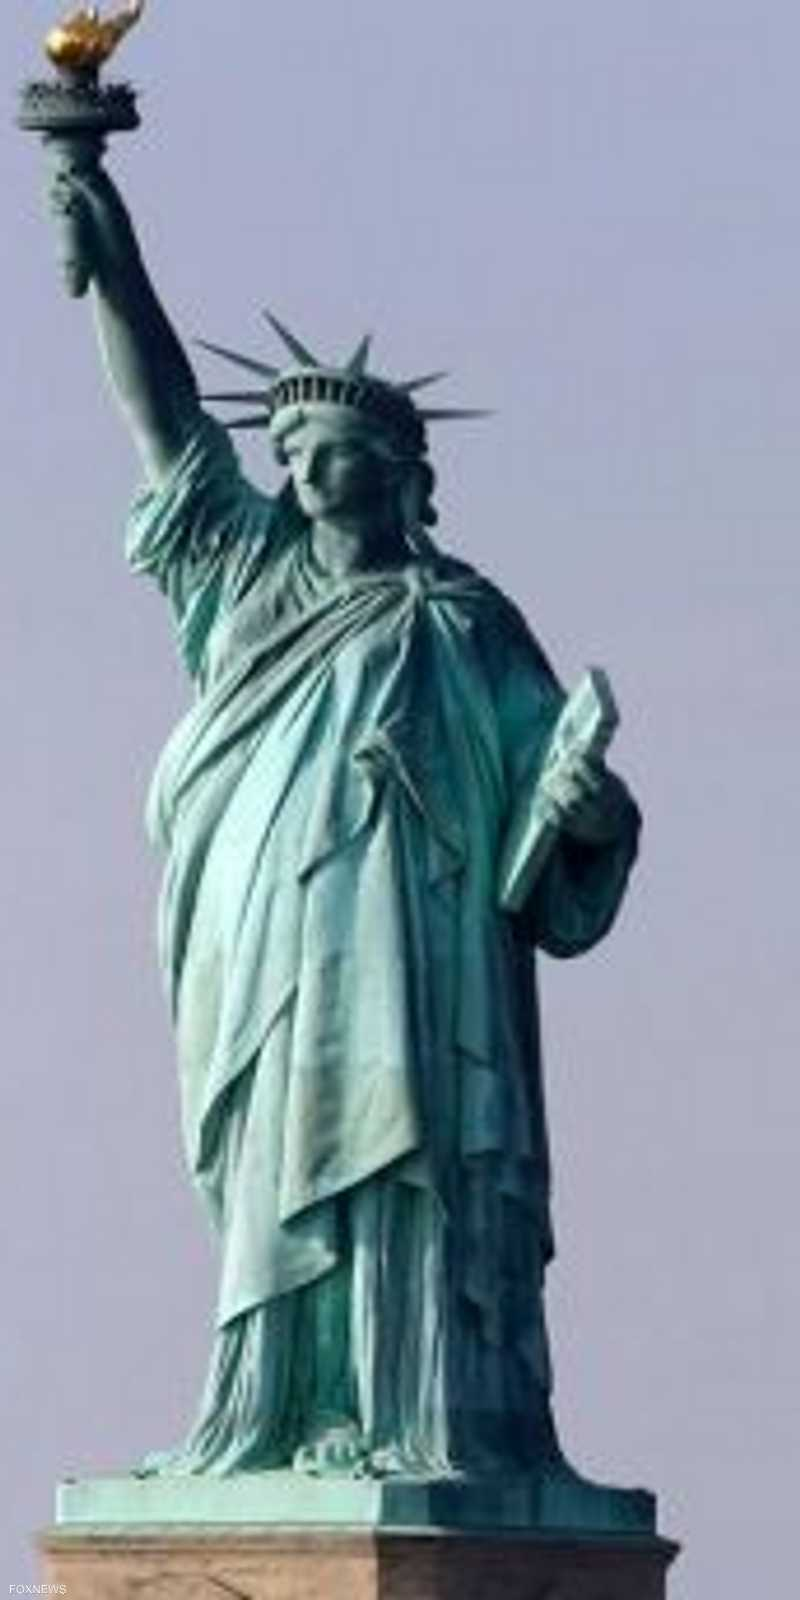 خطأ تمثال الحرية يكلف ملايين الدولارات أخبار سكاي نيوز عربية